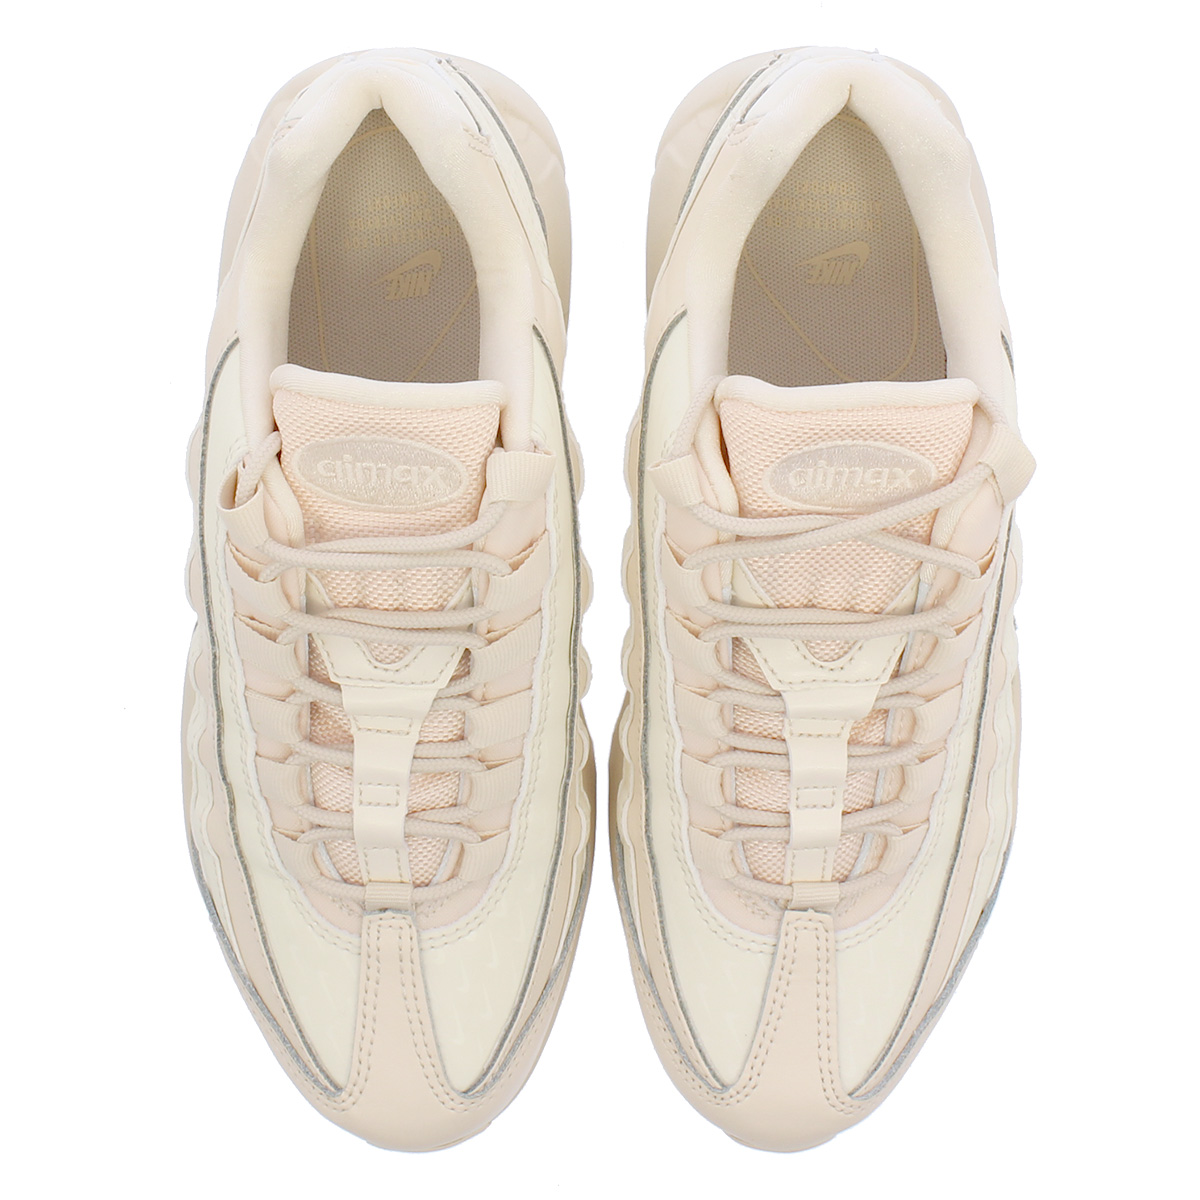 453726cb51 ... NIKE WMNS AIR MAX 95 Nike women Air Max 95 LX GUAVA ICE/GUAVA ICE ...